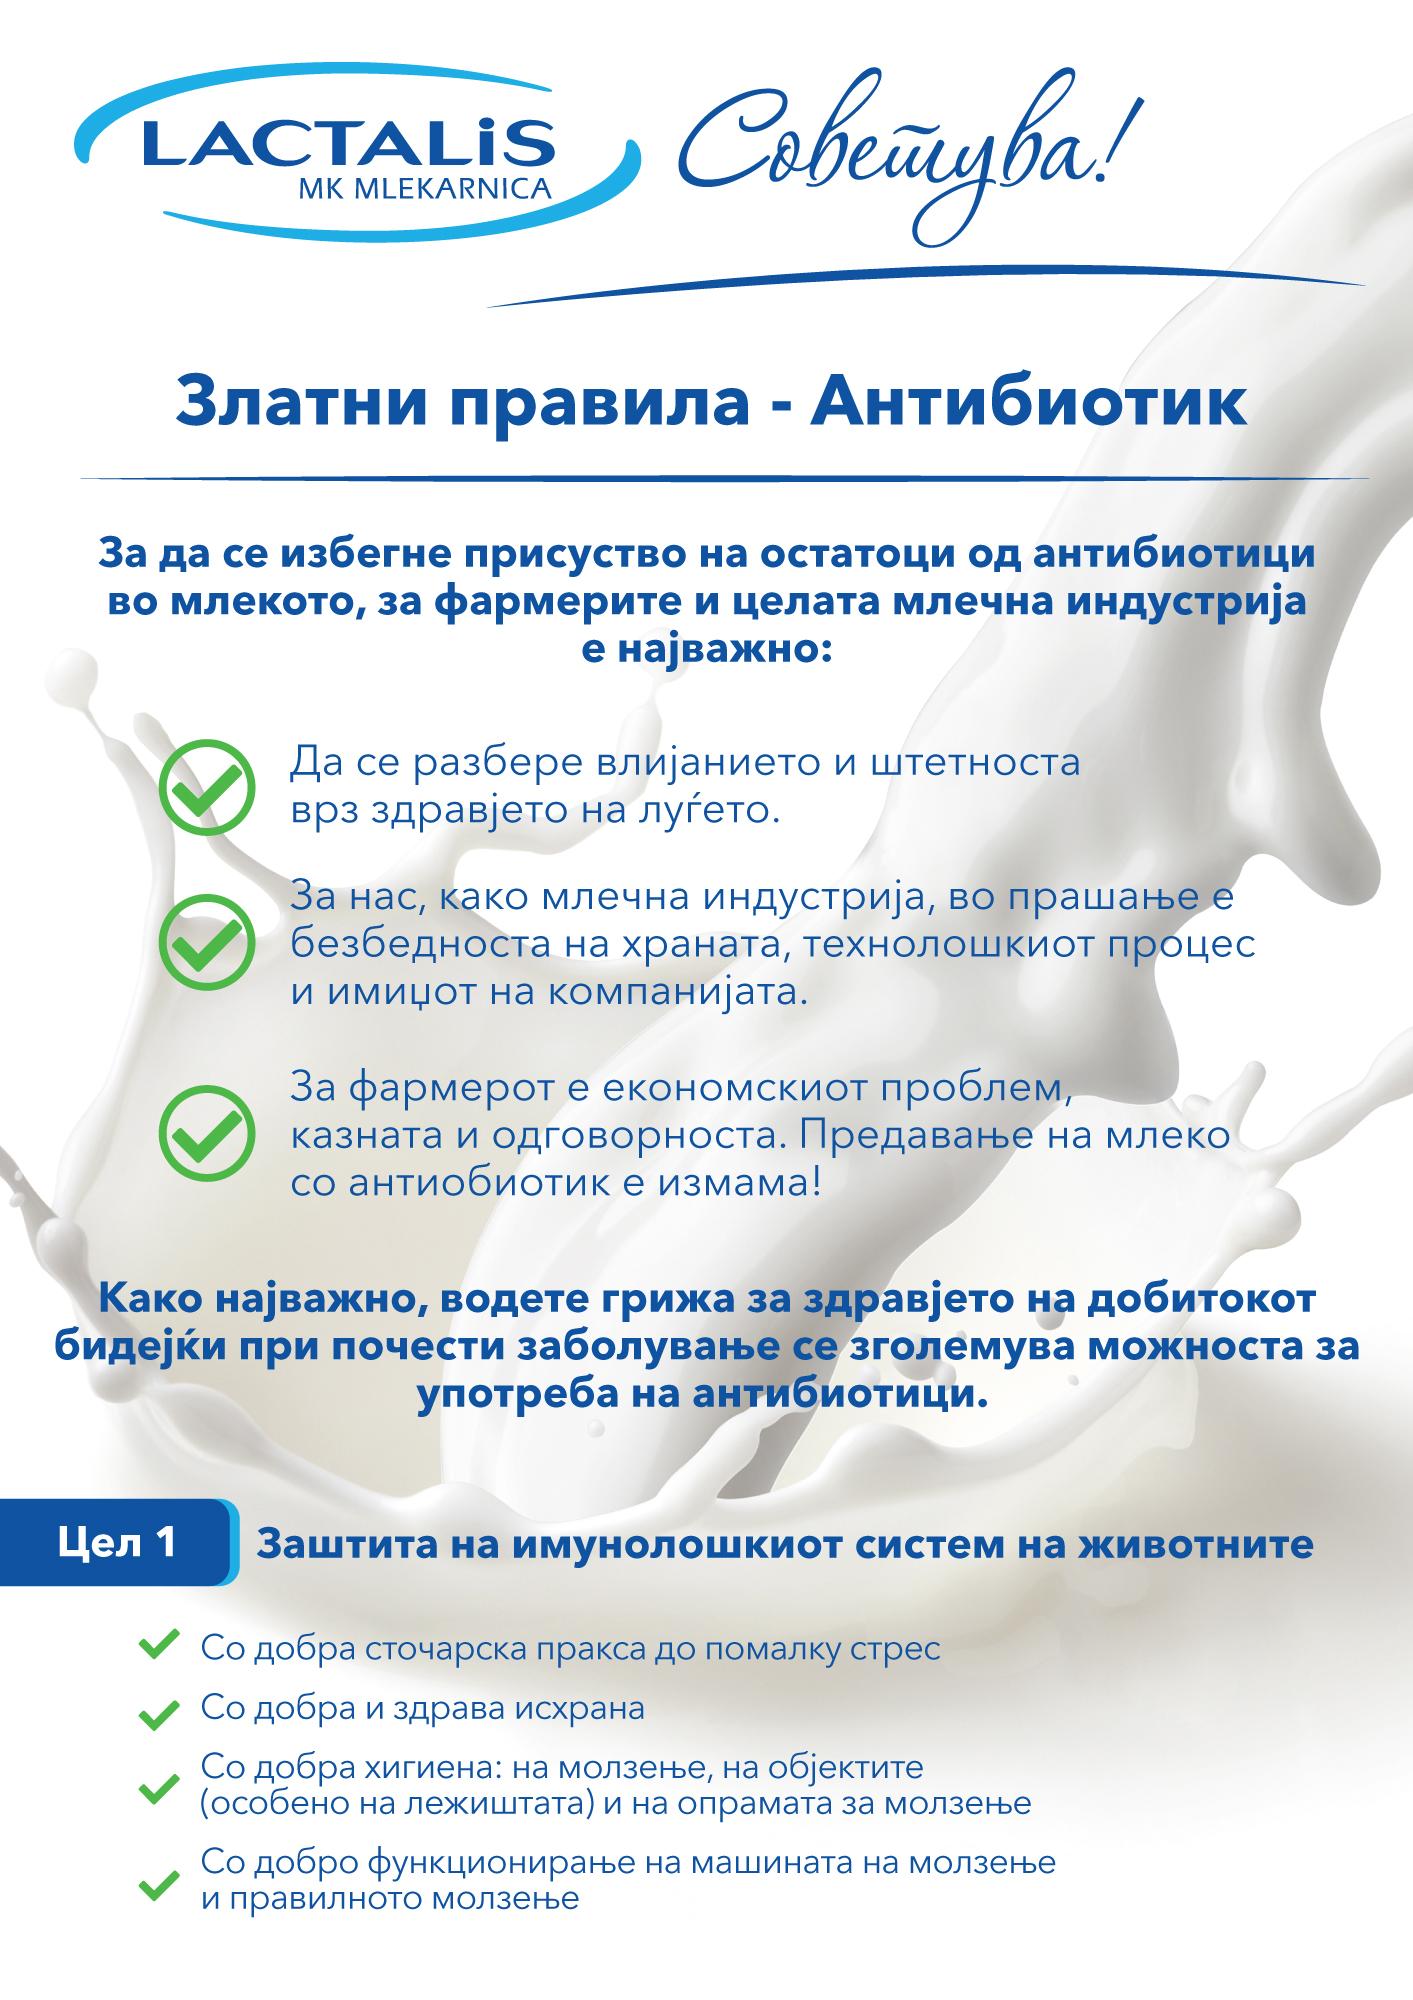 Photo of Лакталис МК Млекарница советува-